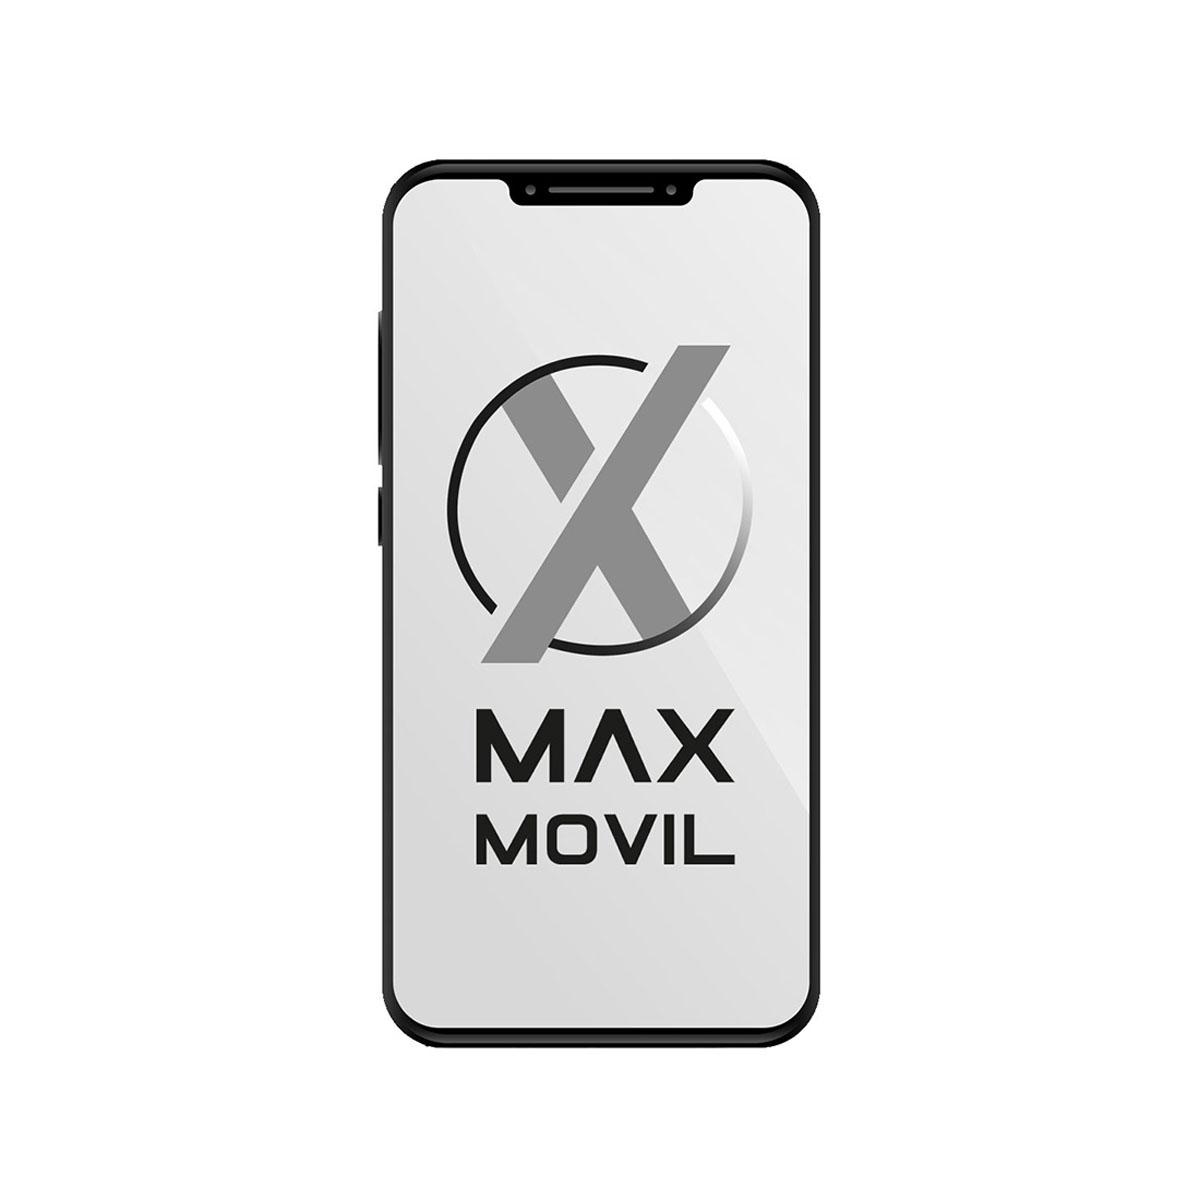 Apple iPhone XR Reacondicionado 64GB Coral